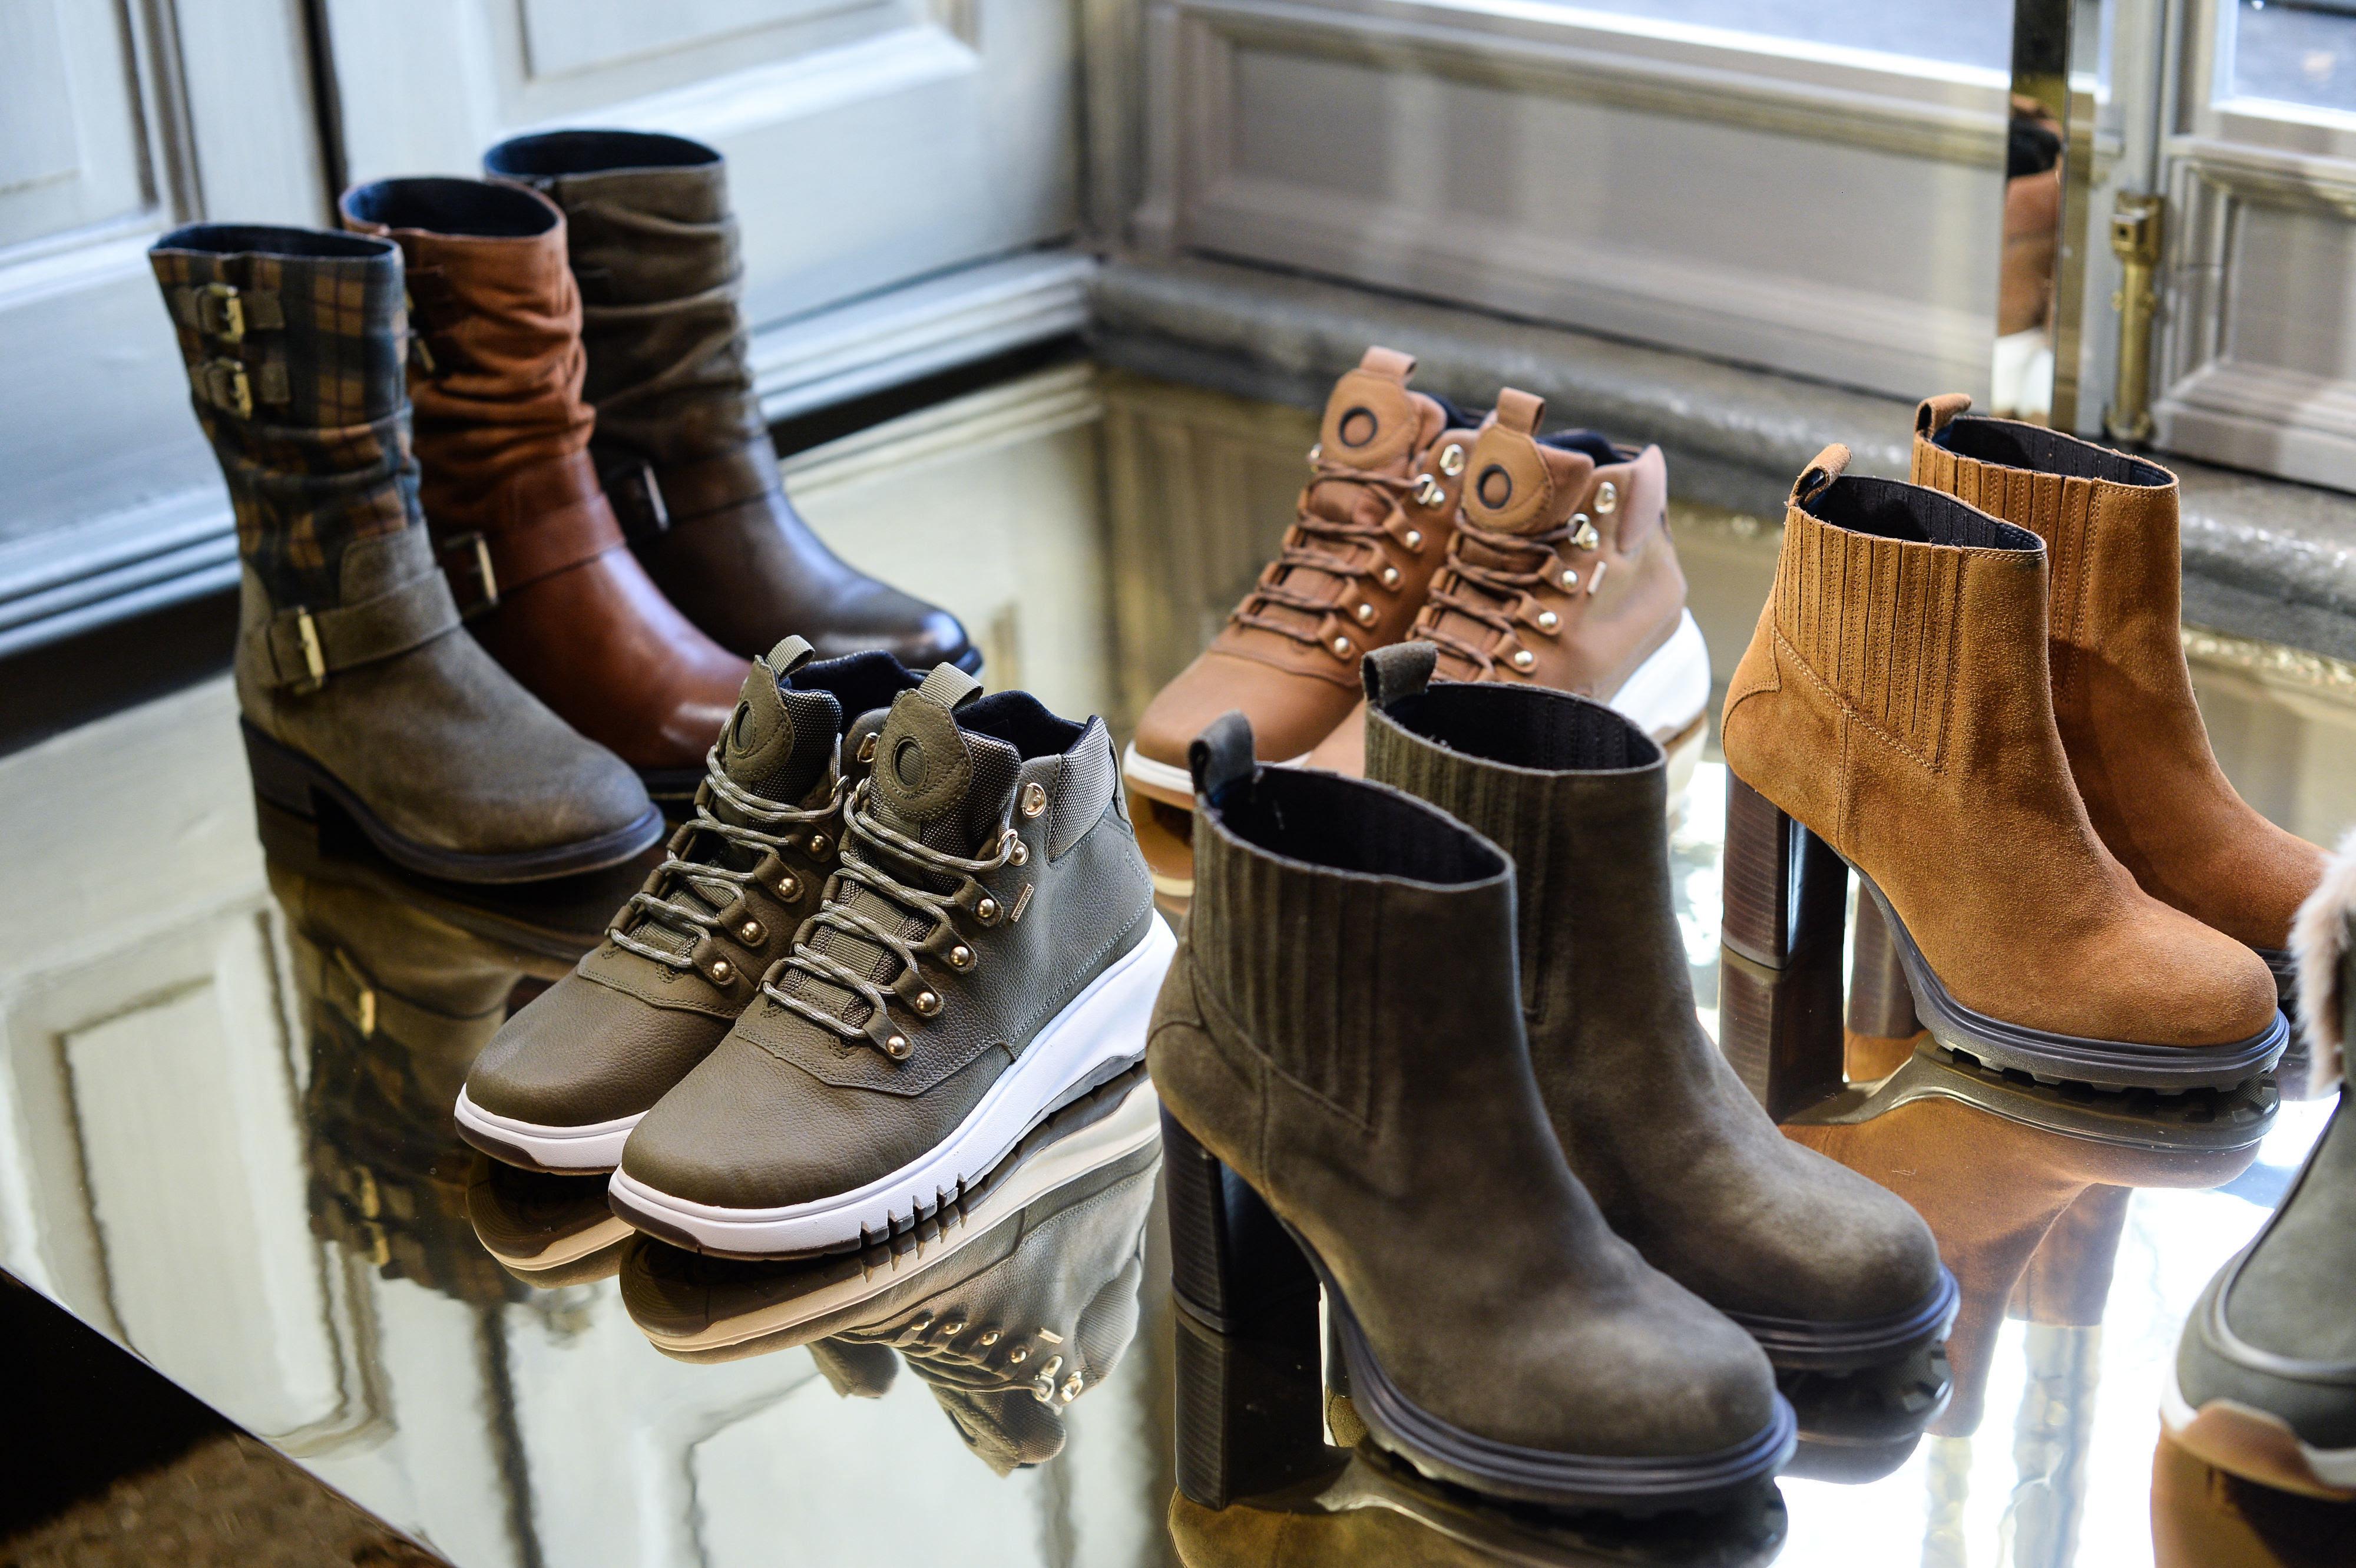 c4b54532 0749 440e 9064 8588da7fa95d - GEOX presenta su colección Otoño/Invierno 2020 de calzado y prendas exteriores para mujer